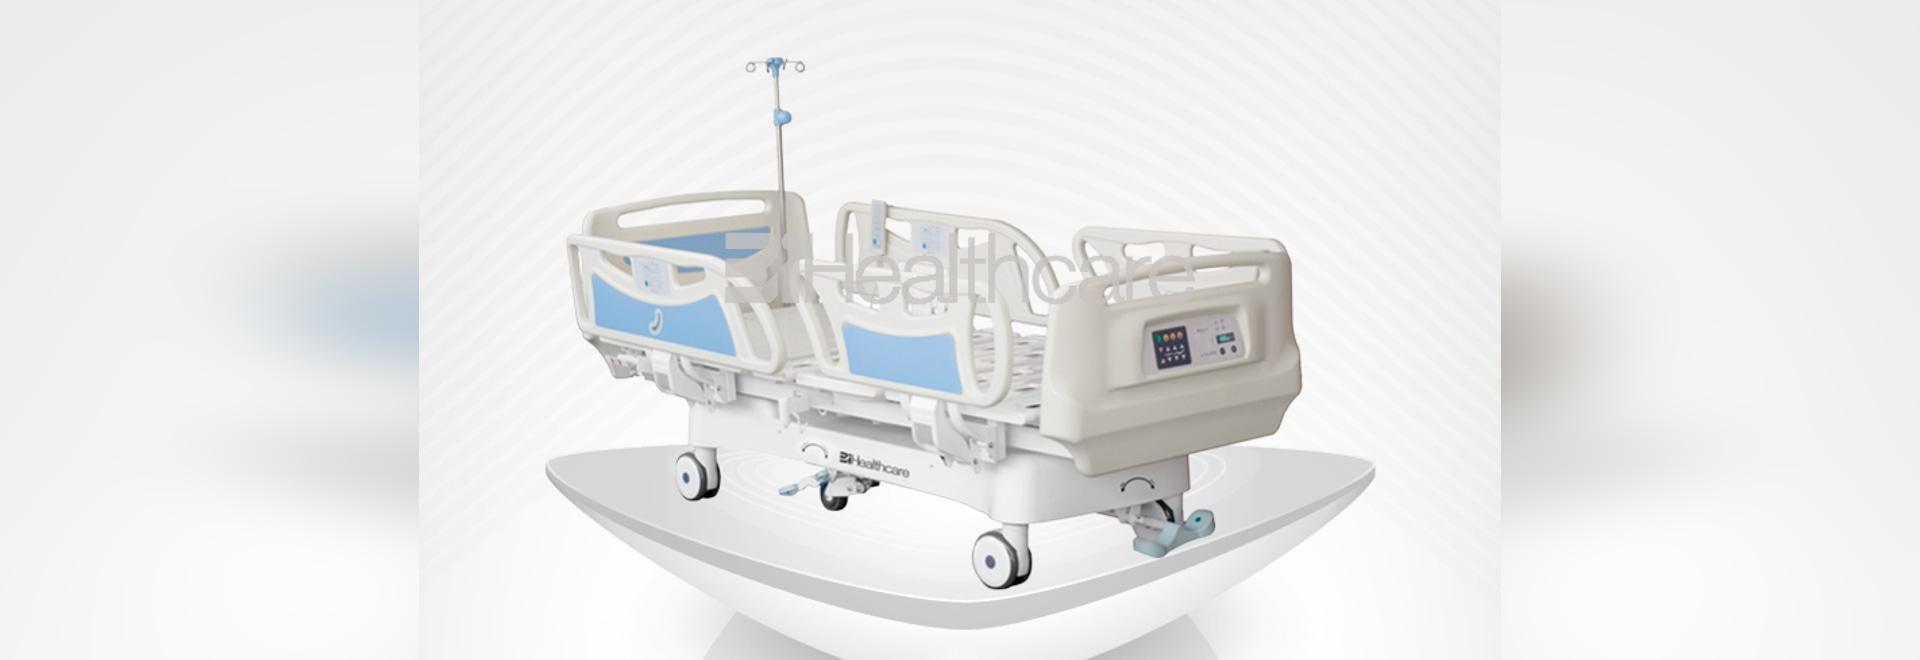 2017 nouveau lit du lit-Alphain ICU d'hôpital d'ICU construit par BiHealthcare